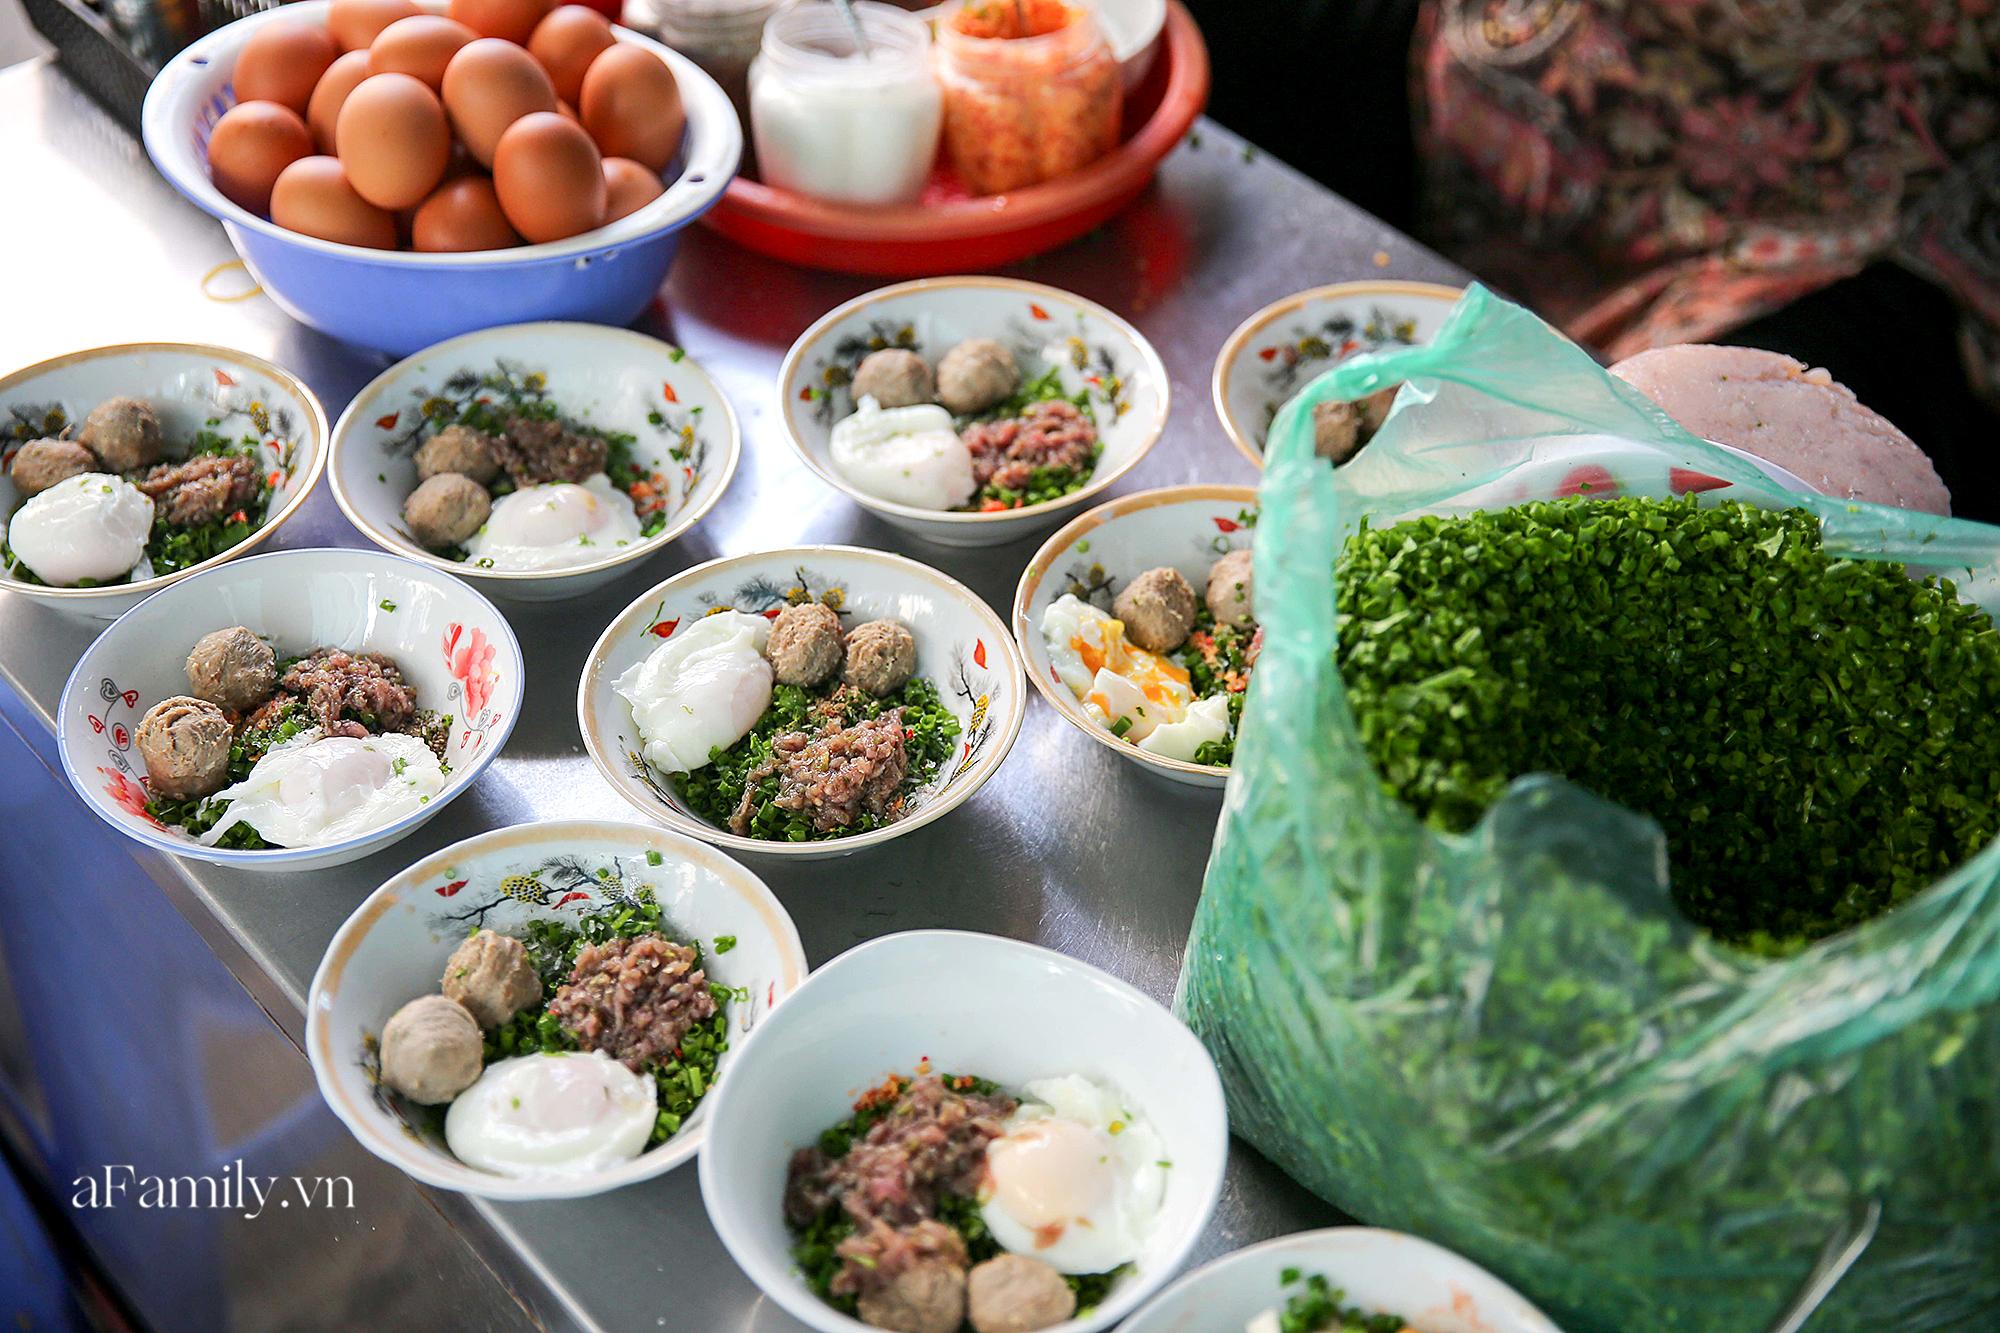 """""""Nuốt nước miếng"""" không kịp với 7 món ăn từ ấm đến nóng dành cho những ngày Sài Gòn mát trời hiếm hoi lại hay thèm ăn như thế này! - Ảnh 8."""